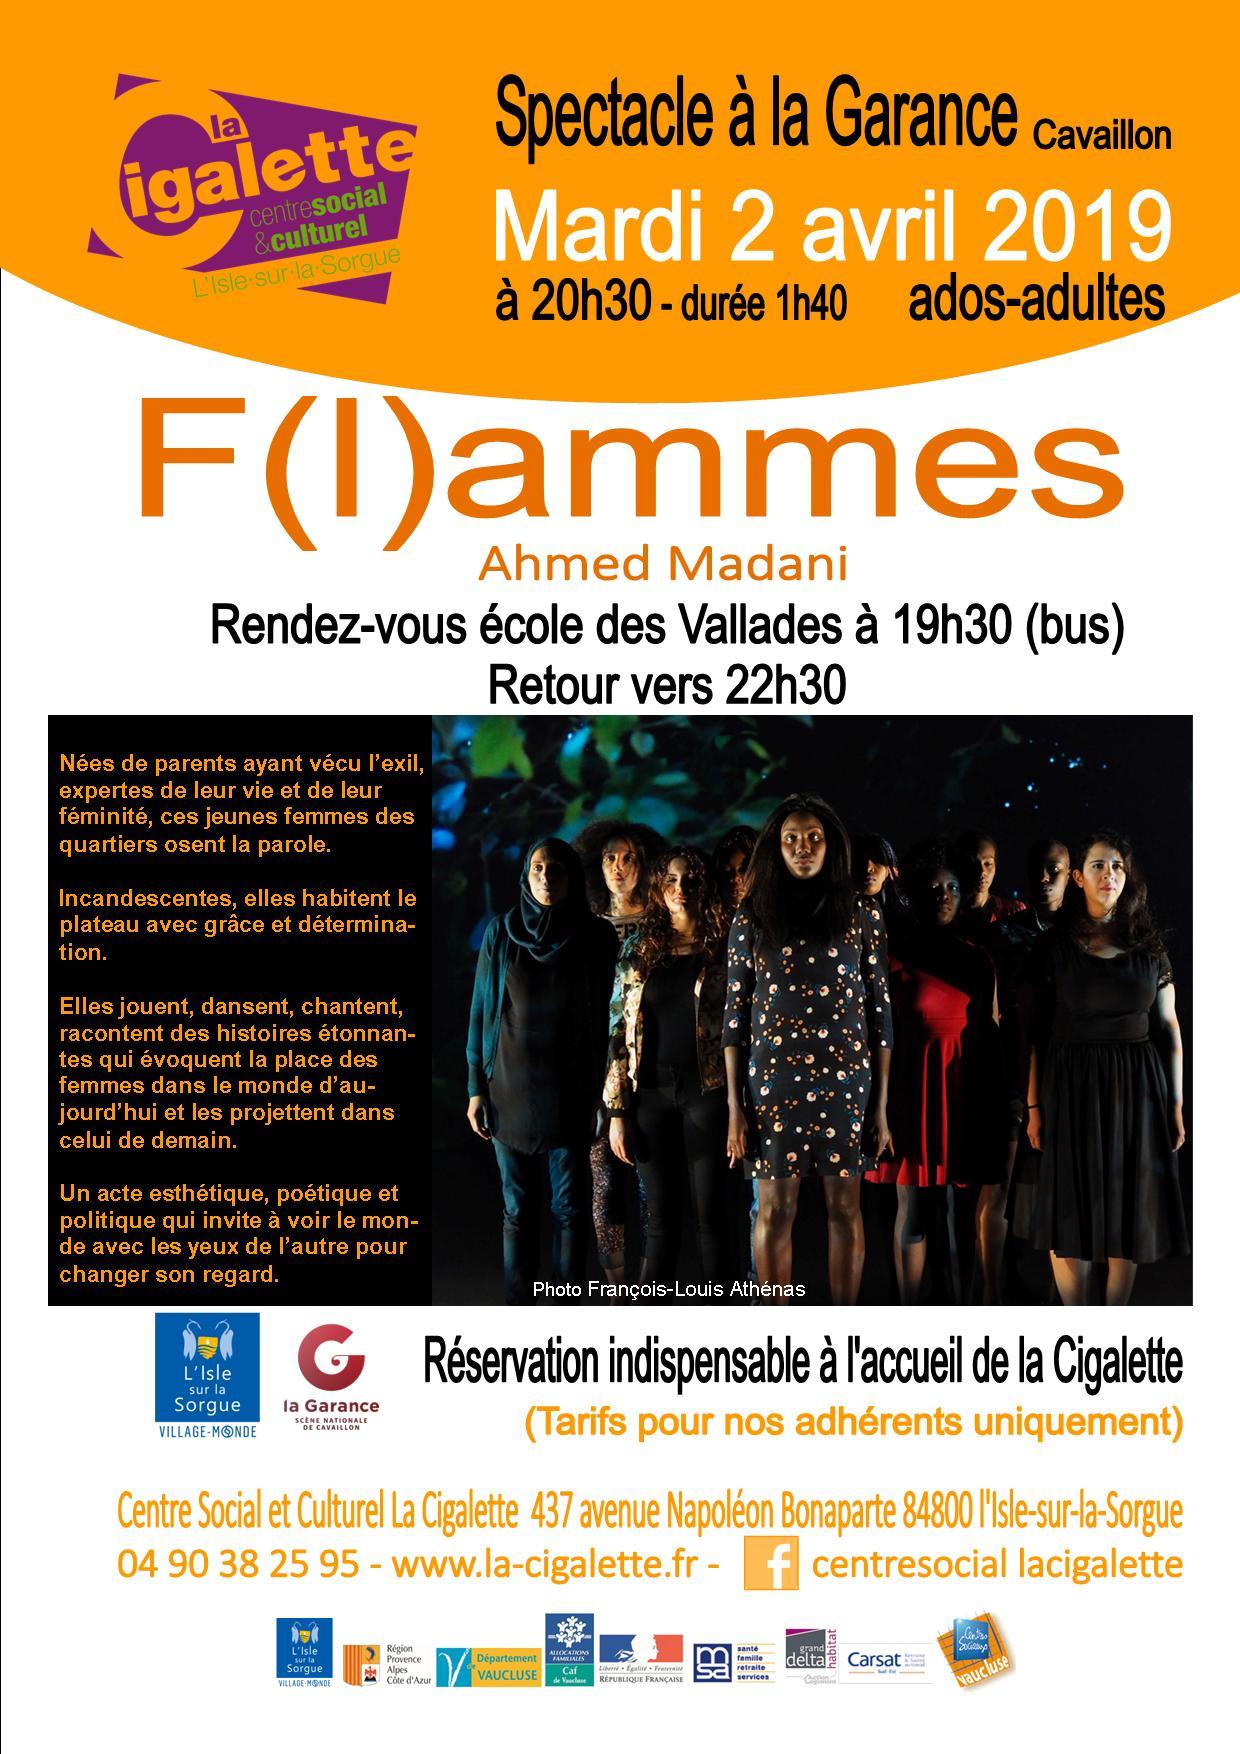 flammes-02.04.19-garance-nomadeaffiche.jpg